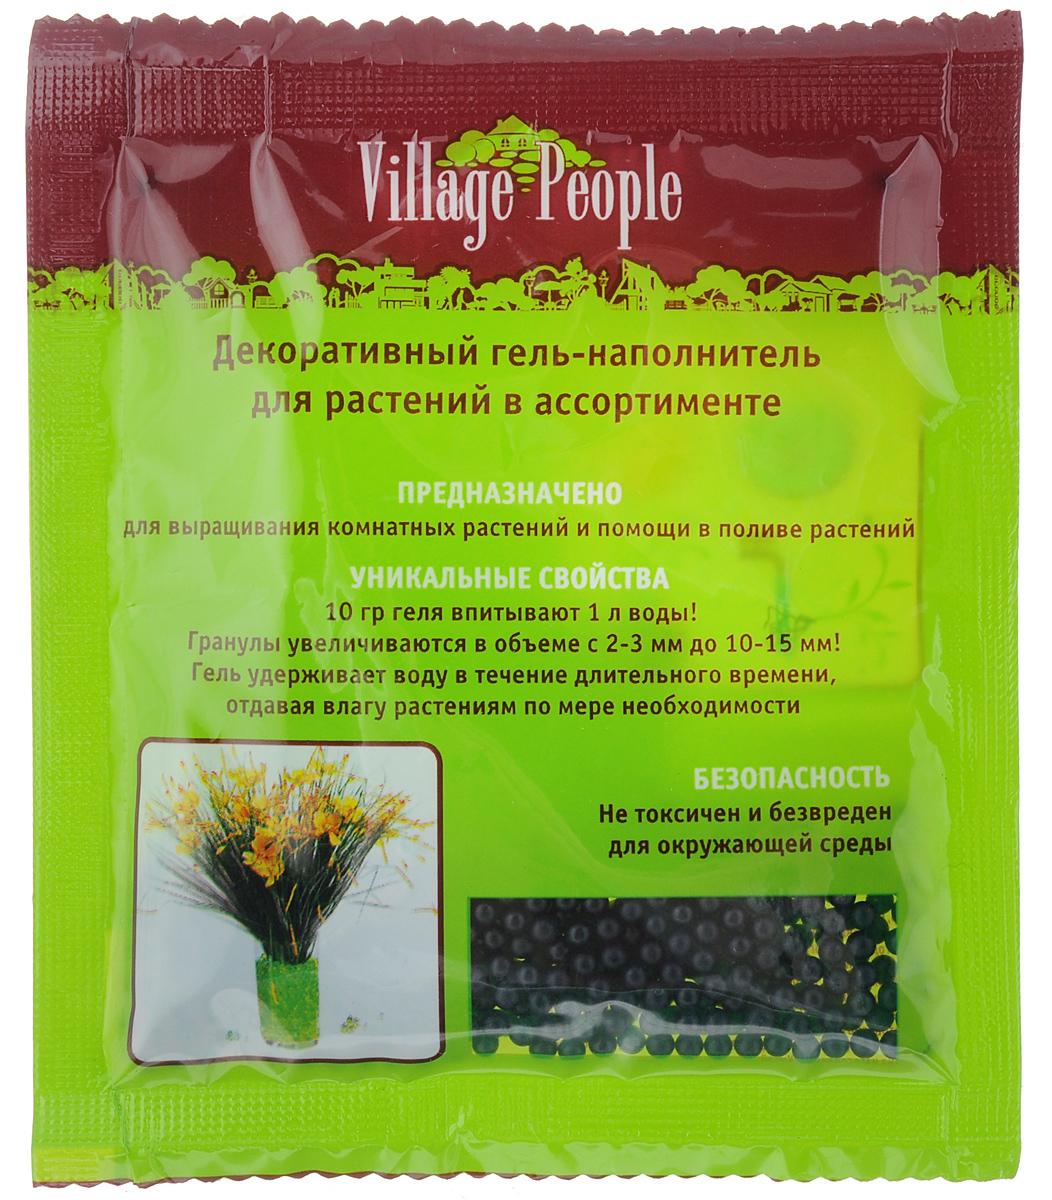 Гель-наполнитель декоративный Village People, для растений, цвет: черный, 10 гZ-0307Декоративный гель-наполнитель Village People предназначен для выращивания комнатных растений и помощи в поливе растений. Гель не токсичен и безвреден для окружающей среды.Уникальные свойства геля:10 г геля впитывают 1 литр воды.Гранулы увеличиваются в объеме с 2-3 мм до 10-15 мм.Гель удерживает воду в течение длительного времени, отдавая влагу растениям по мере необходимости.Вес: 10 г.Размер гранул: 2-3 мм.